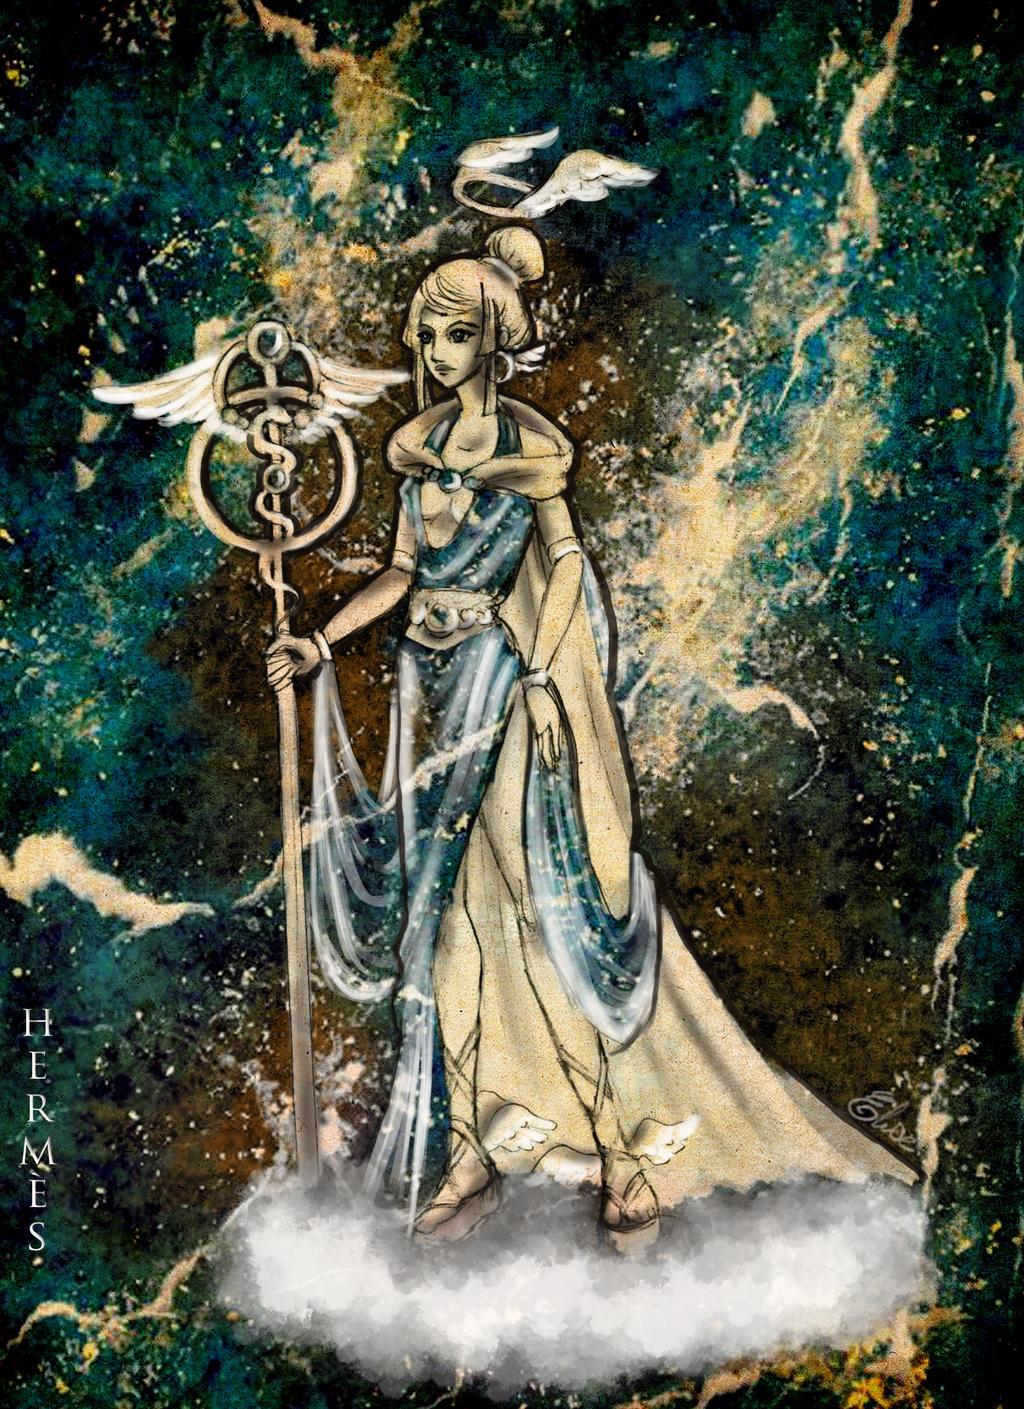 Hermes by selewyn